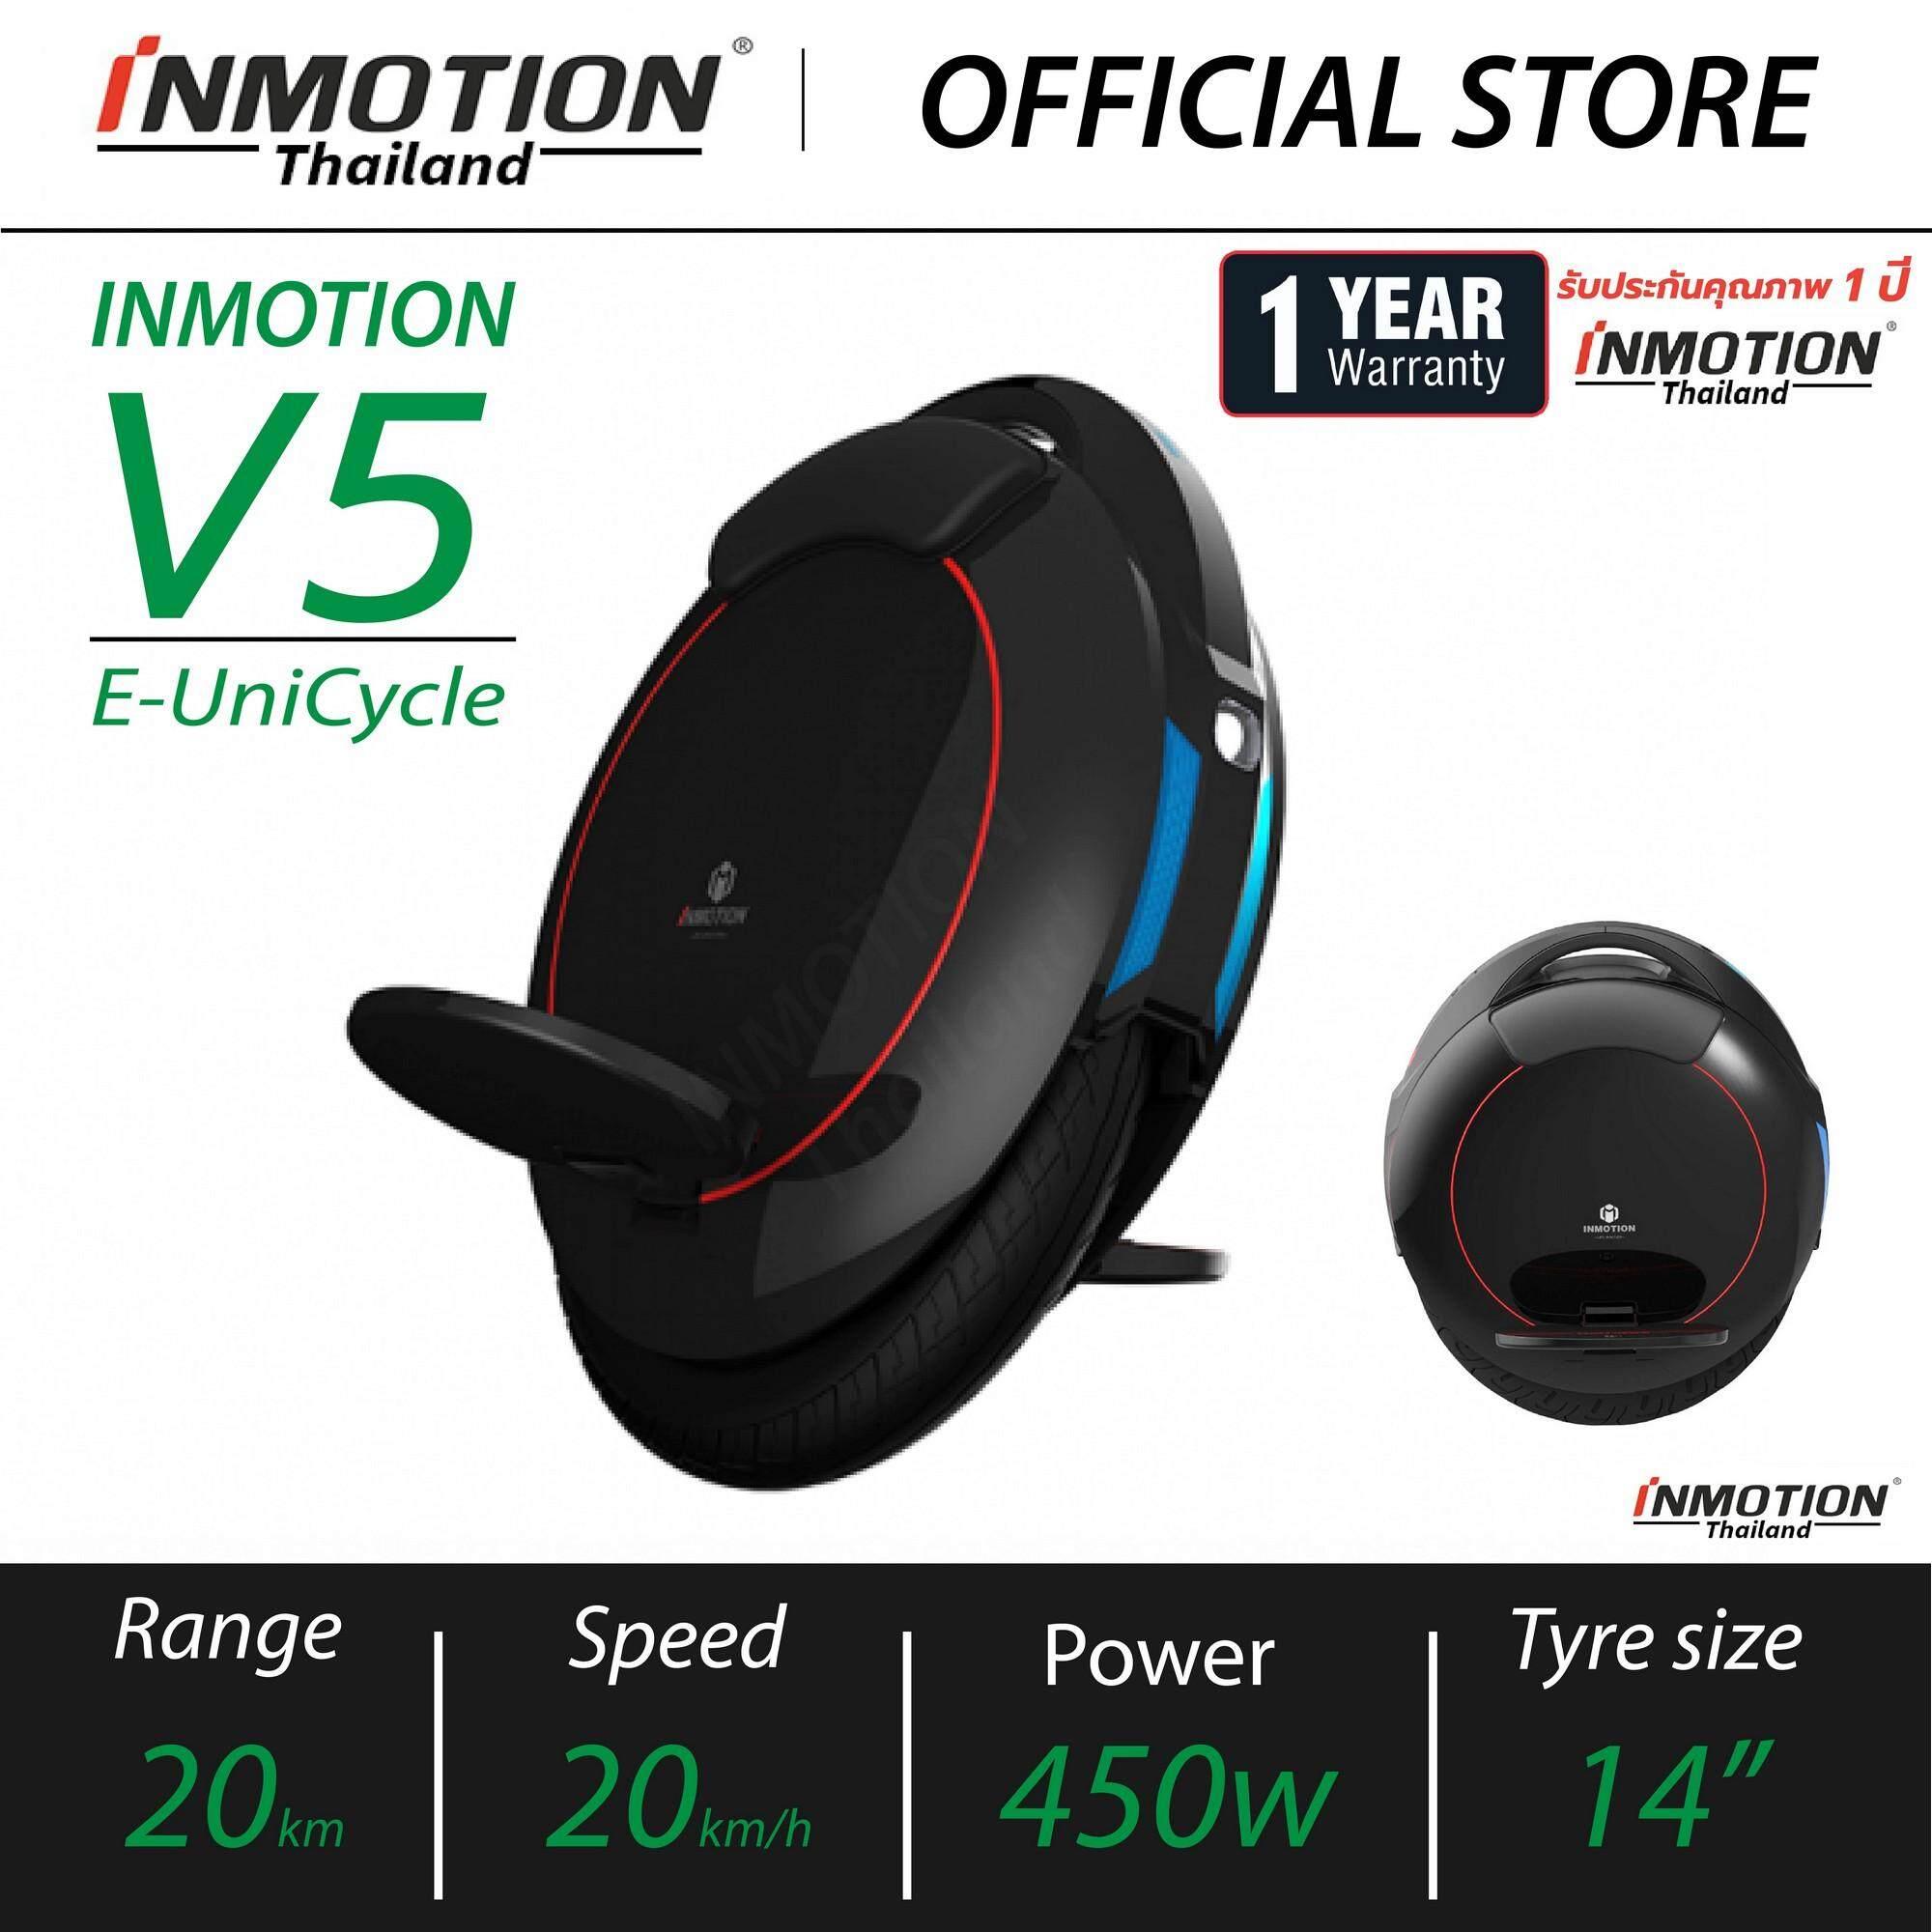 ล้อเดียวไฟฟ้า Inmotion V5 (v5 Electric Unicycle) By Inmotion Thailand (by Ewheels Thailand).